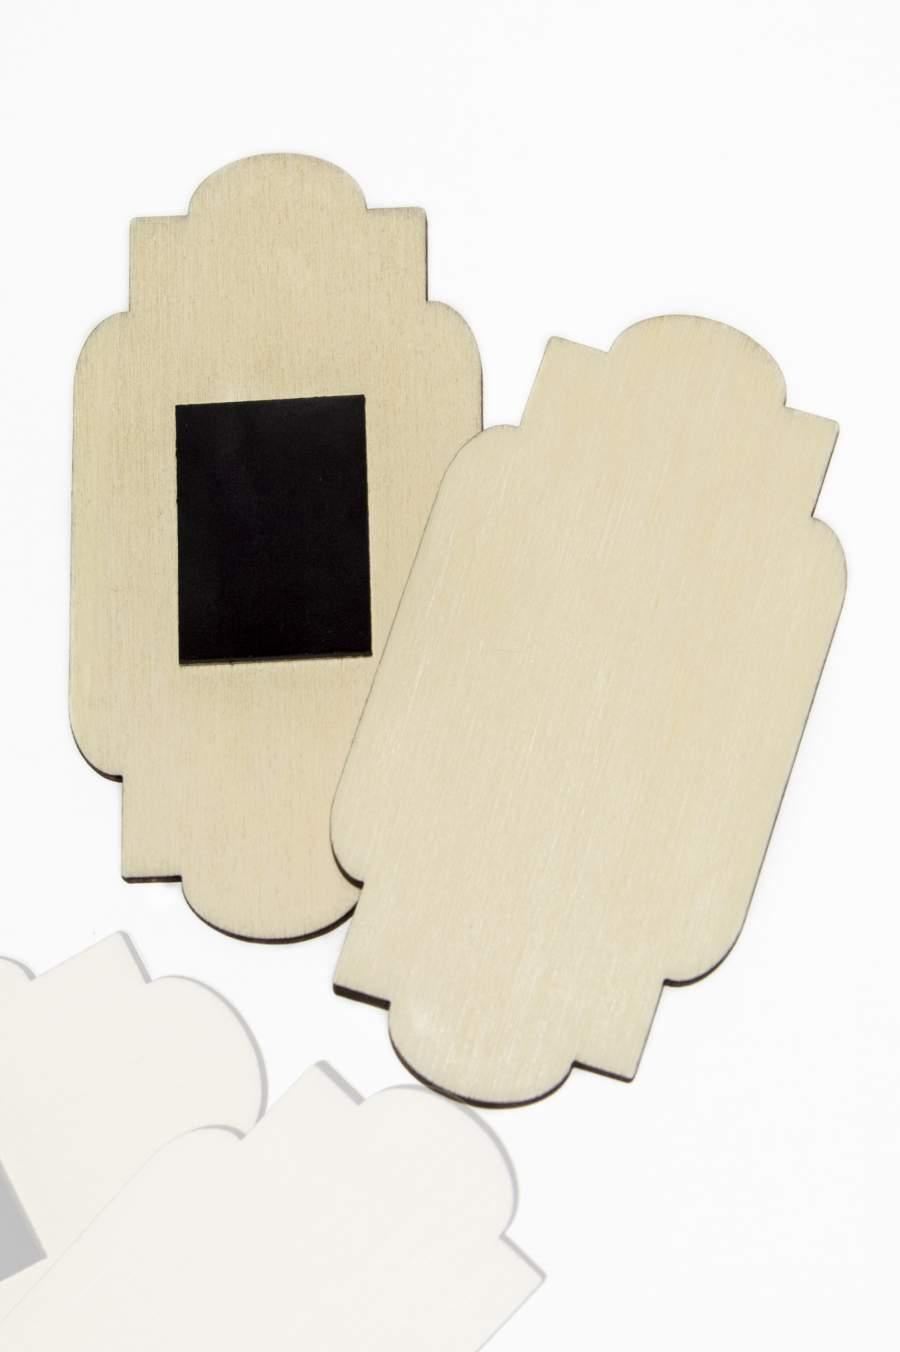 108. Placă din lemn pentru magnet frigider 90x46mm